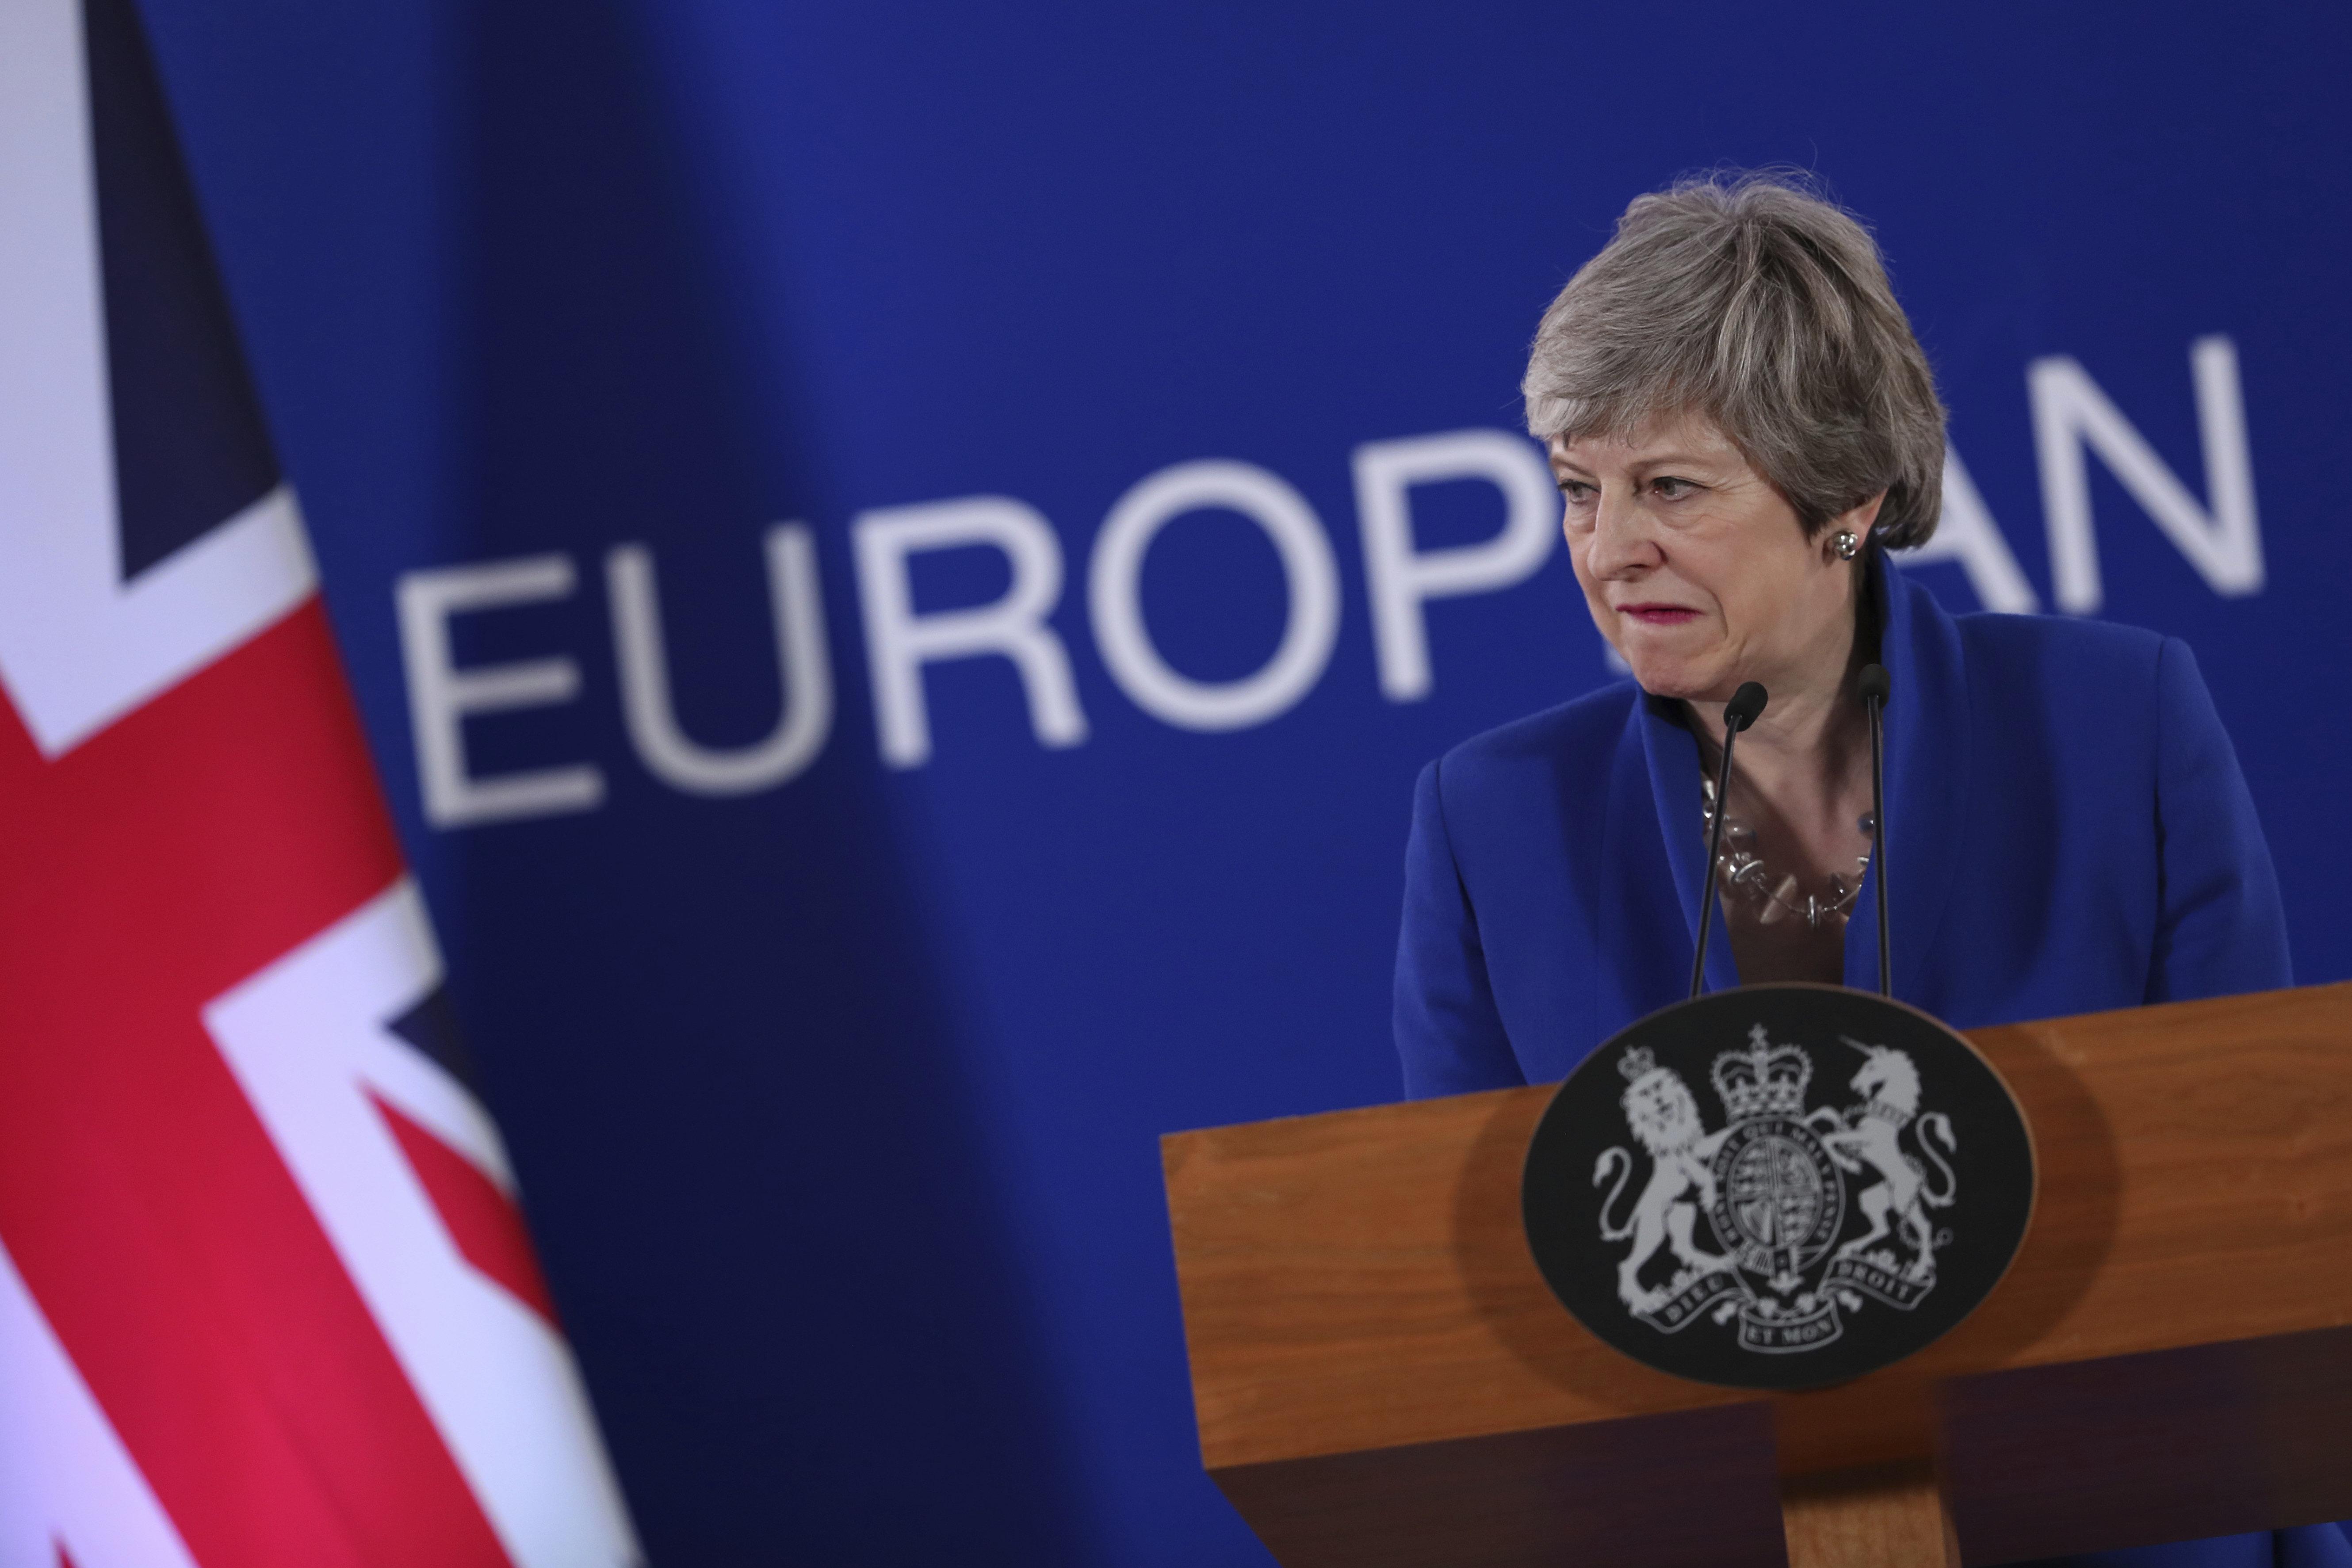 Νέα παράταση για το Brexit έως την 31η Οκτωβρίου αλλά η Μέι θέλει να φύγει μέχρι την 1η